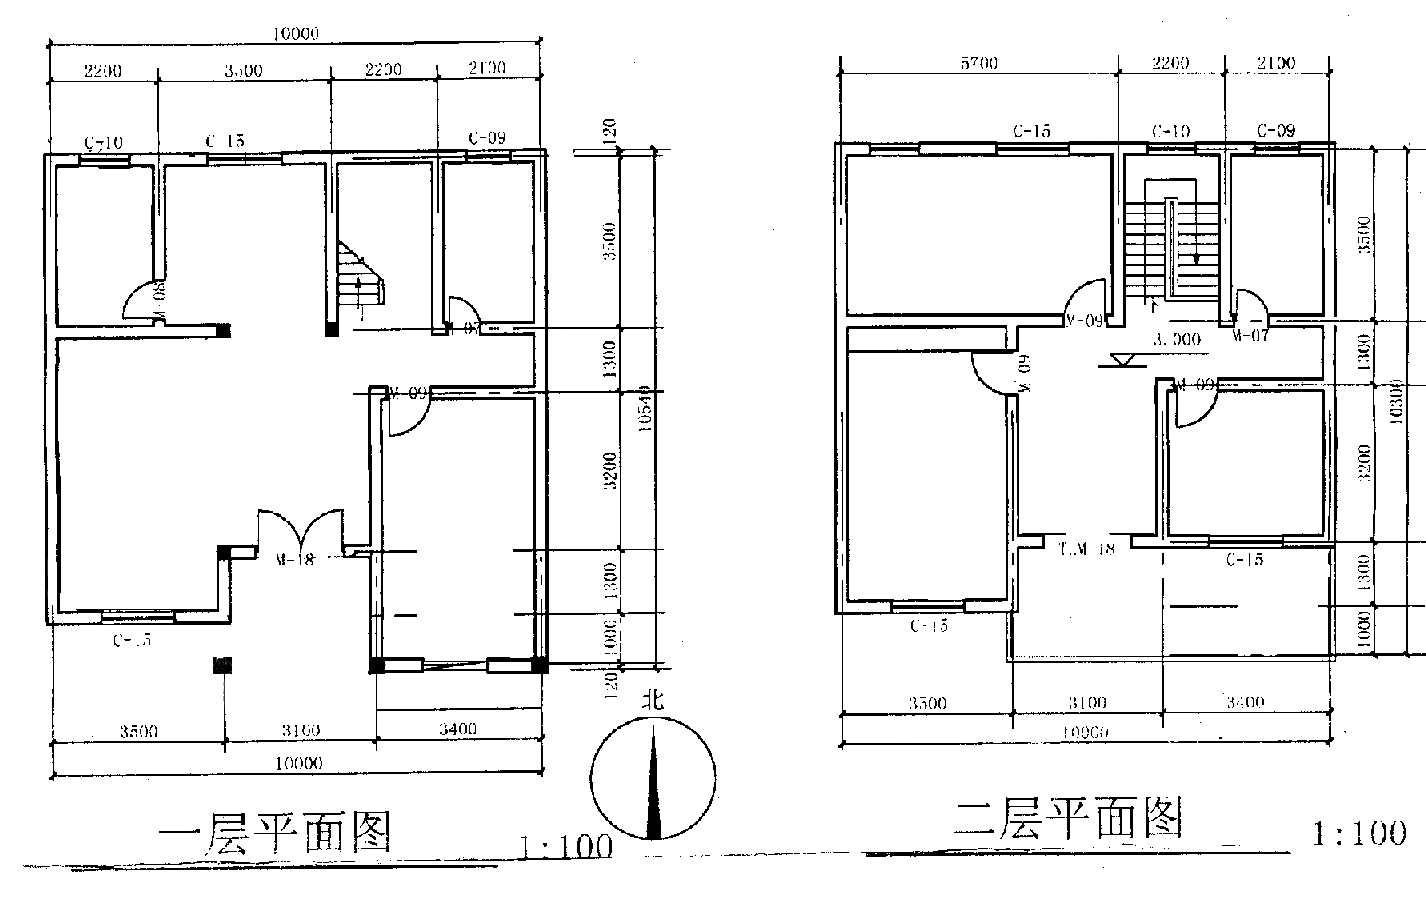 室內廁所怎么設計 廁所設計平面圖圖片